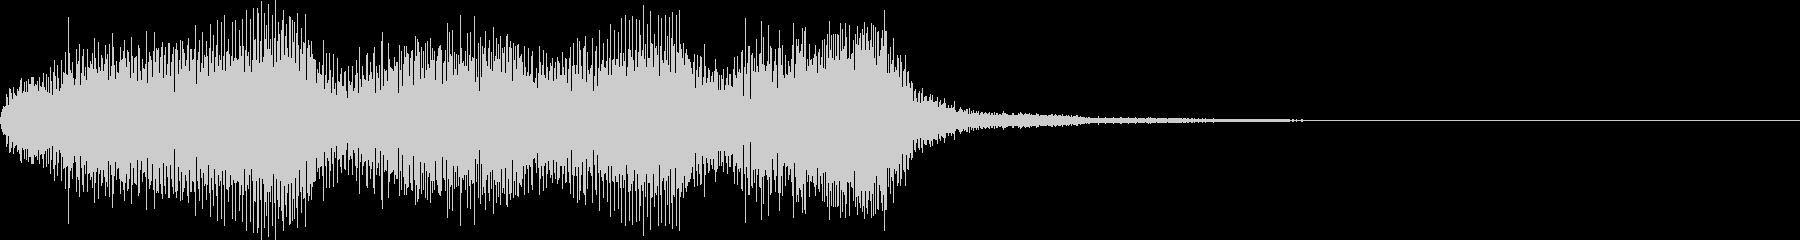 スパーク・電磁波・電気の未再生の波形